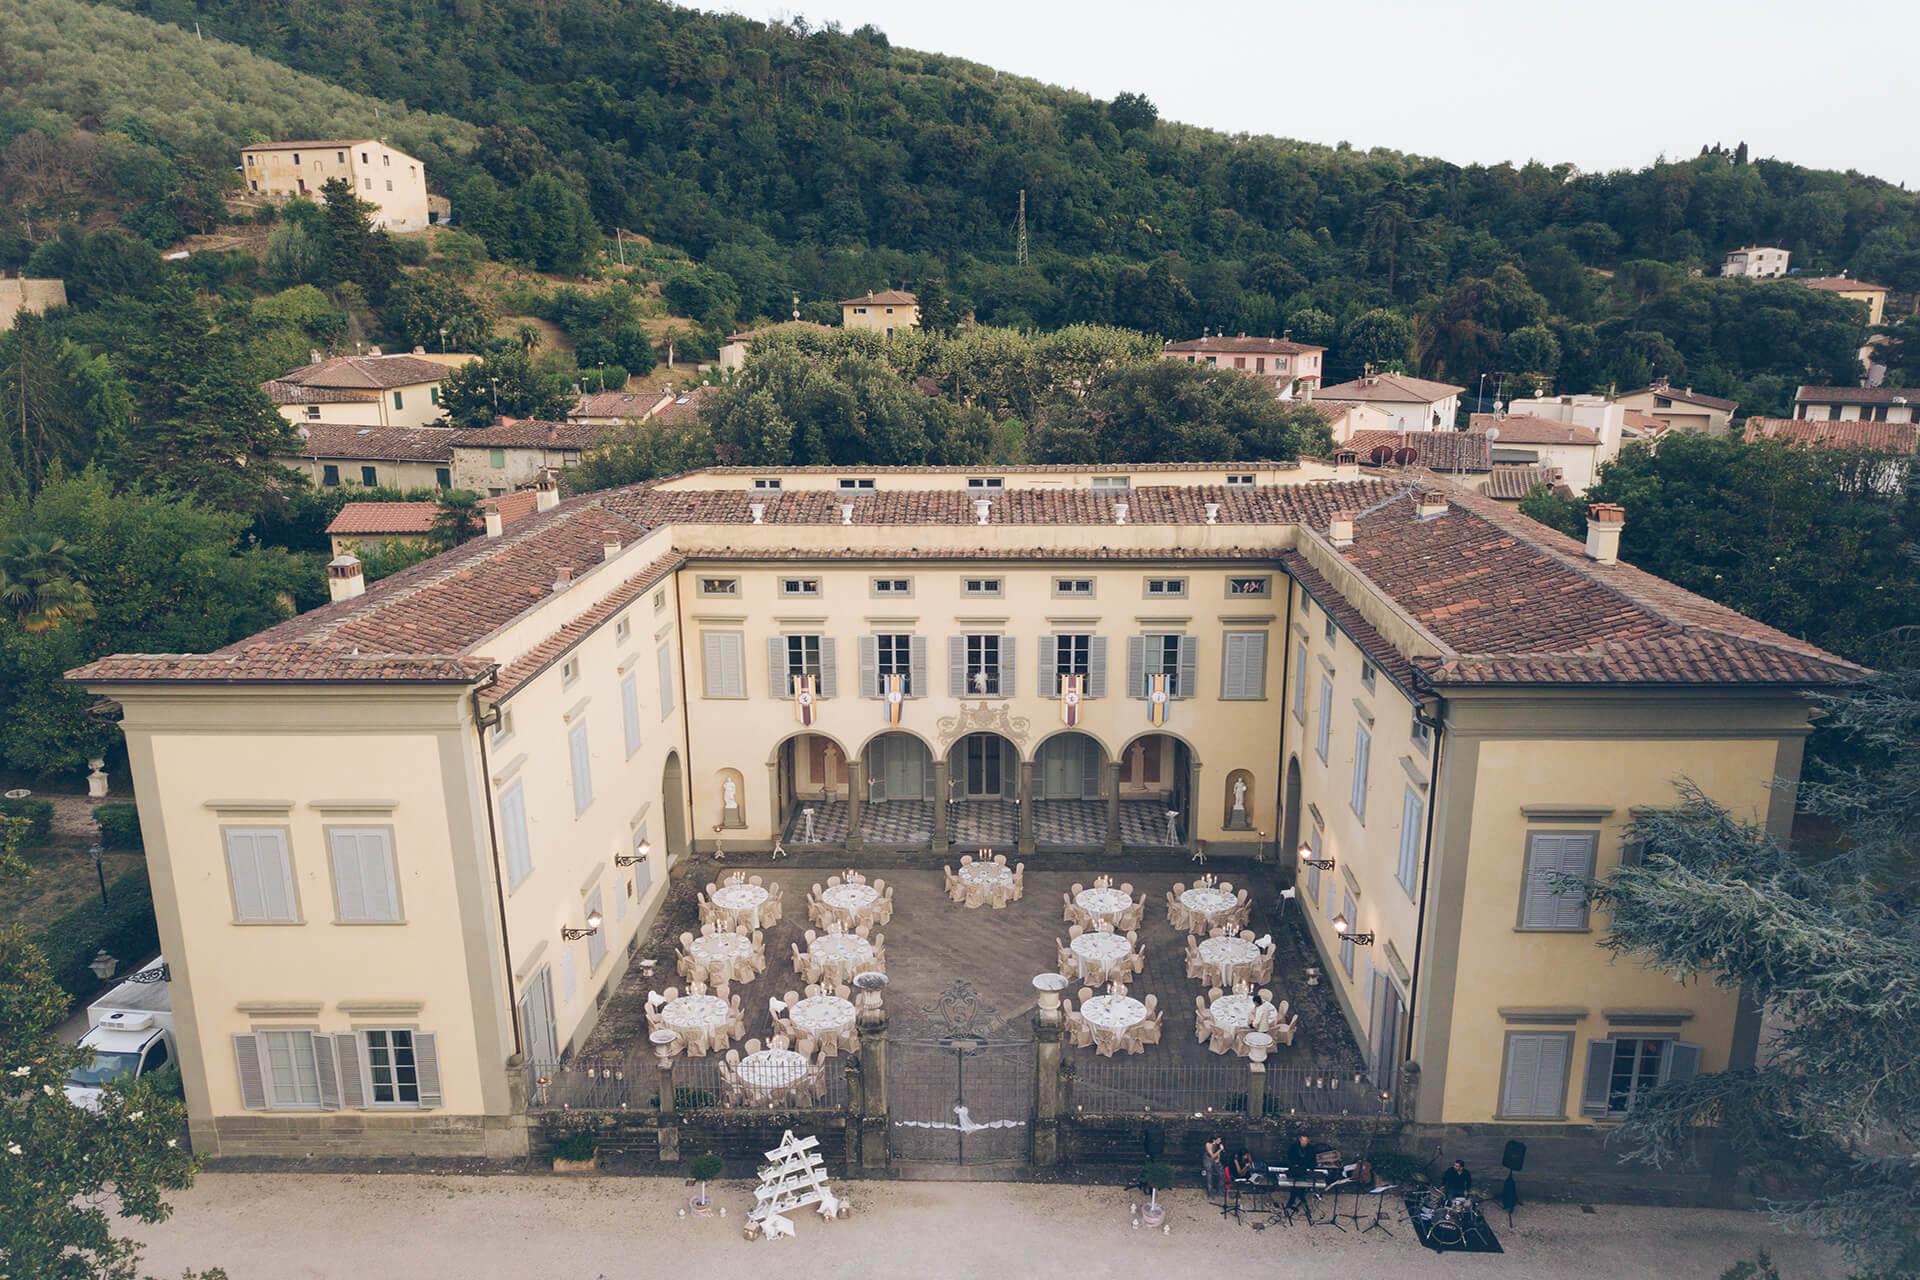 vista dall'alto di villa le molina, location per matrimonio